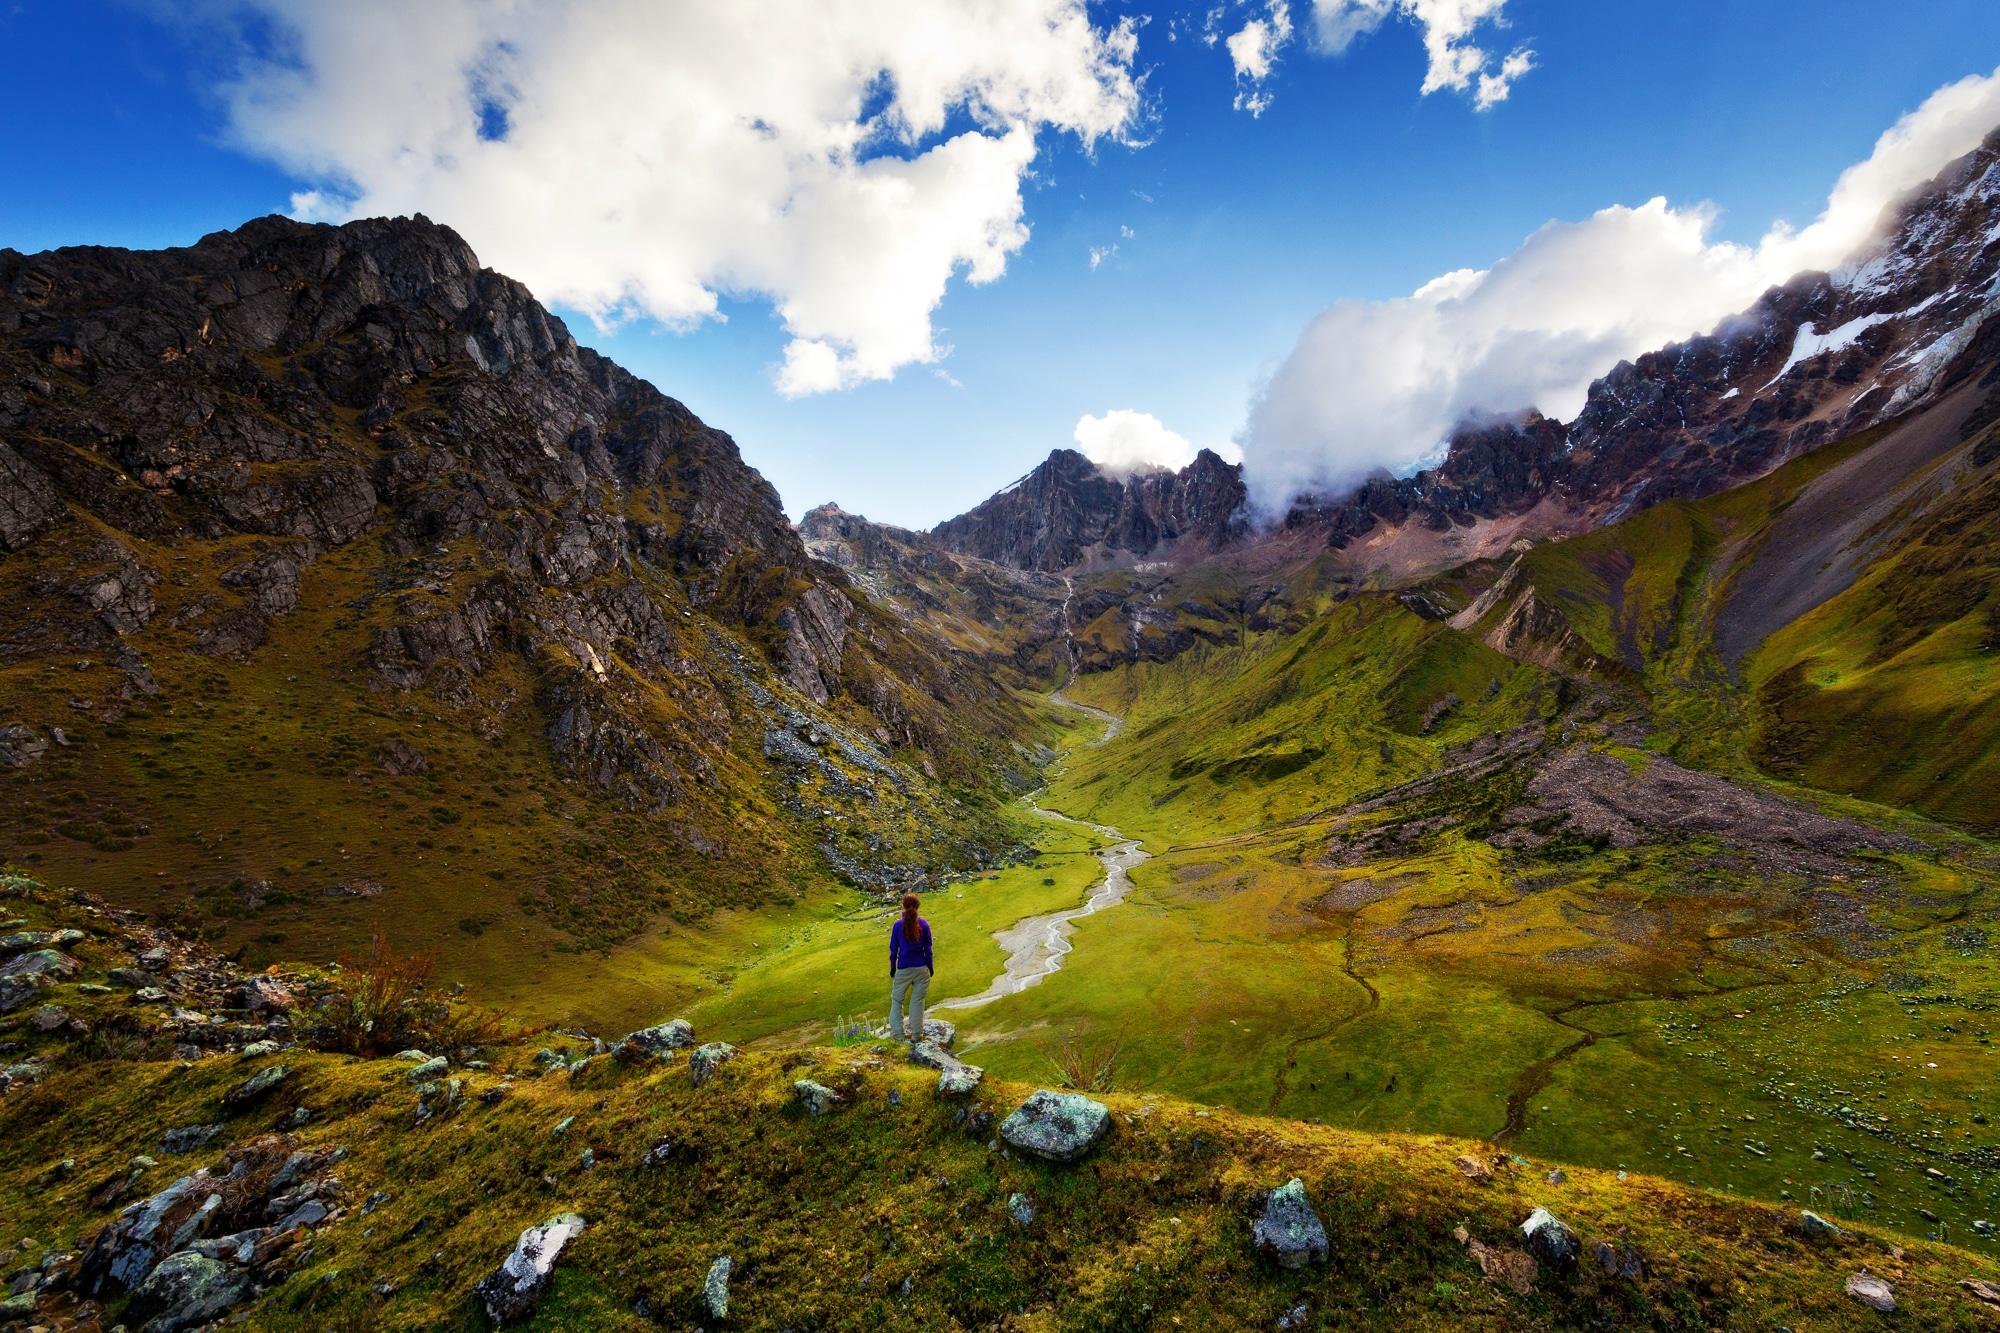 Wandern und Trekking in Peru: Die besten Routen ohne Massentourismus - Salkantay Trek